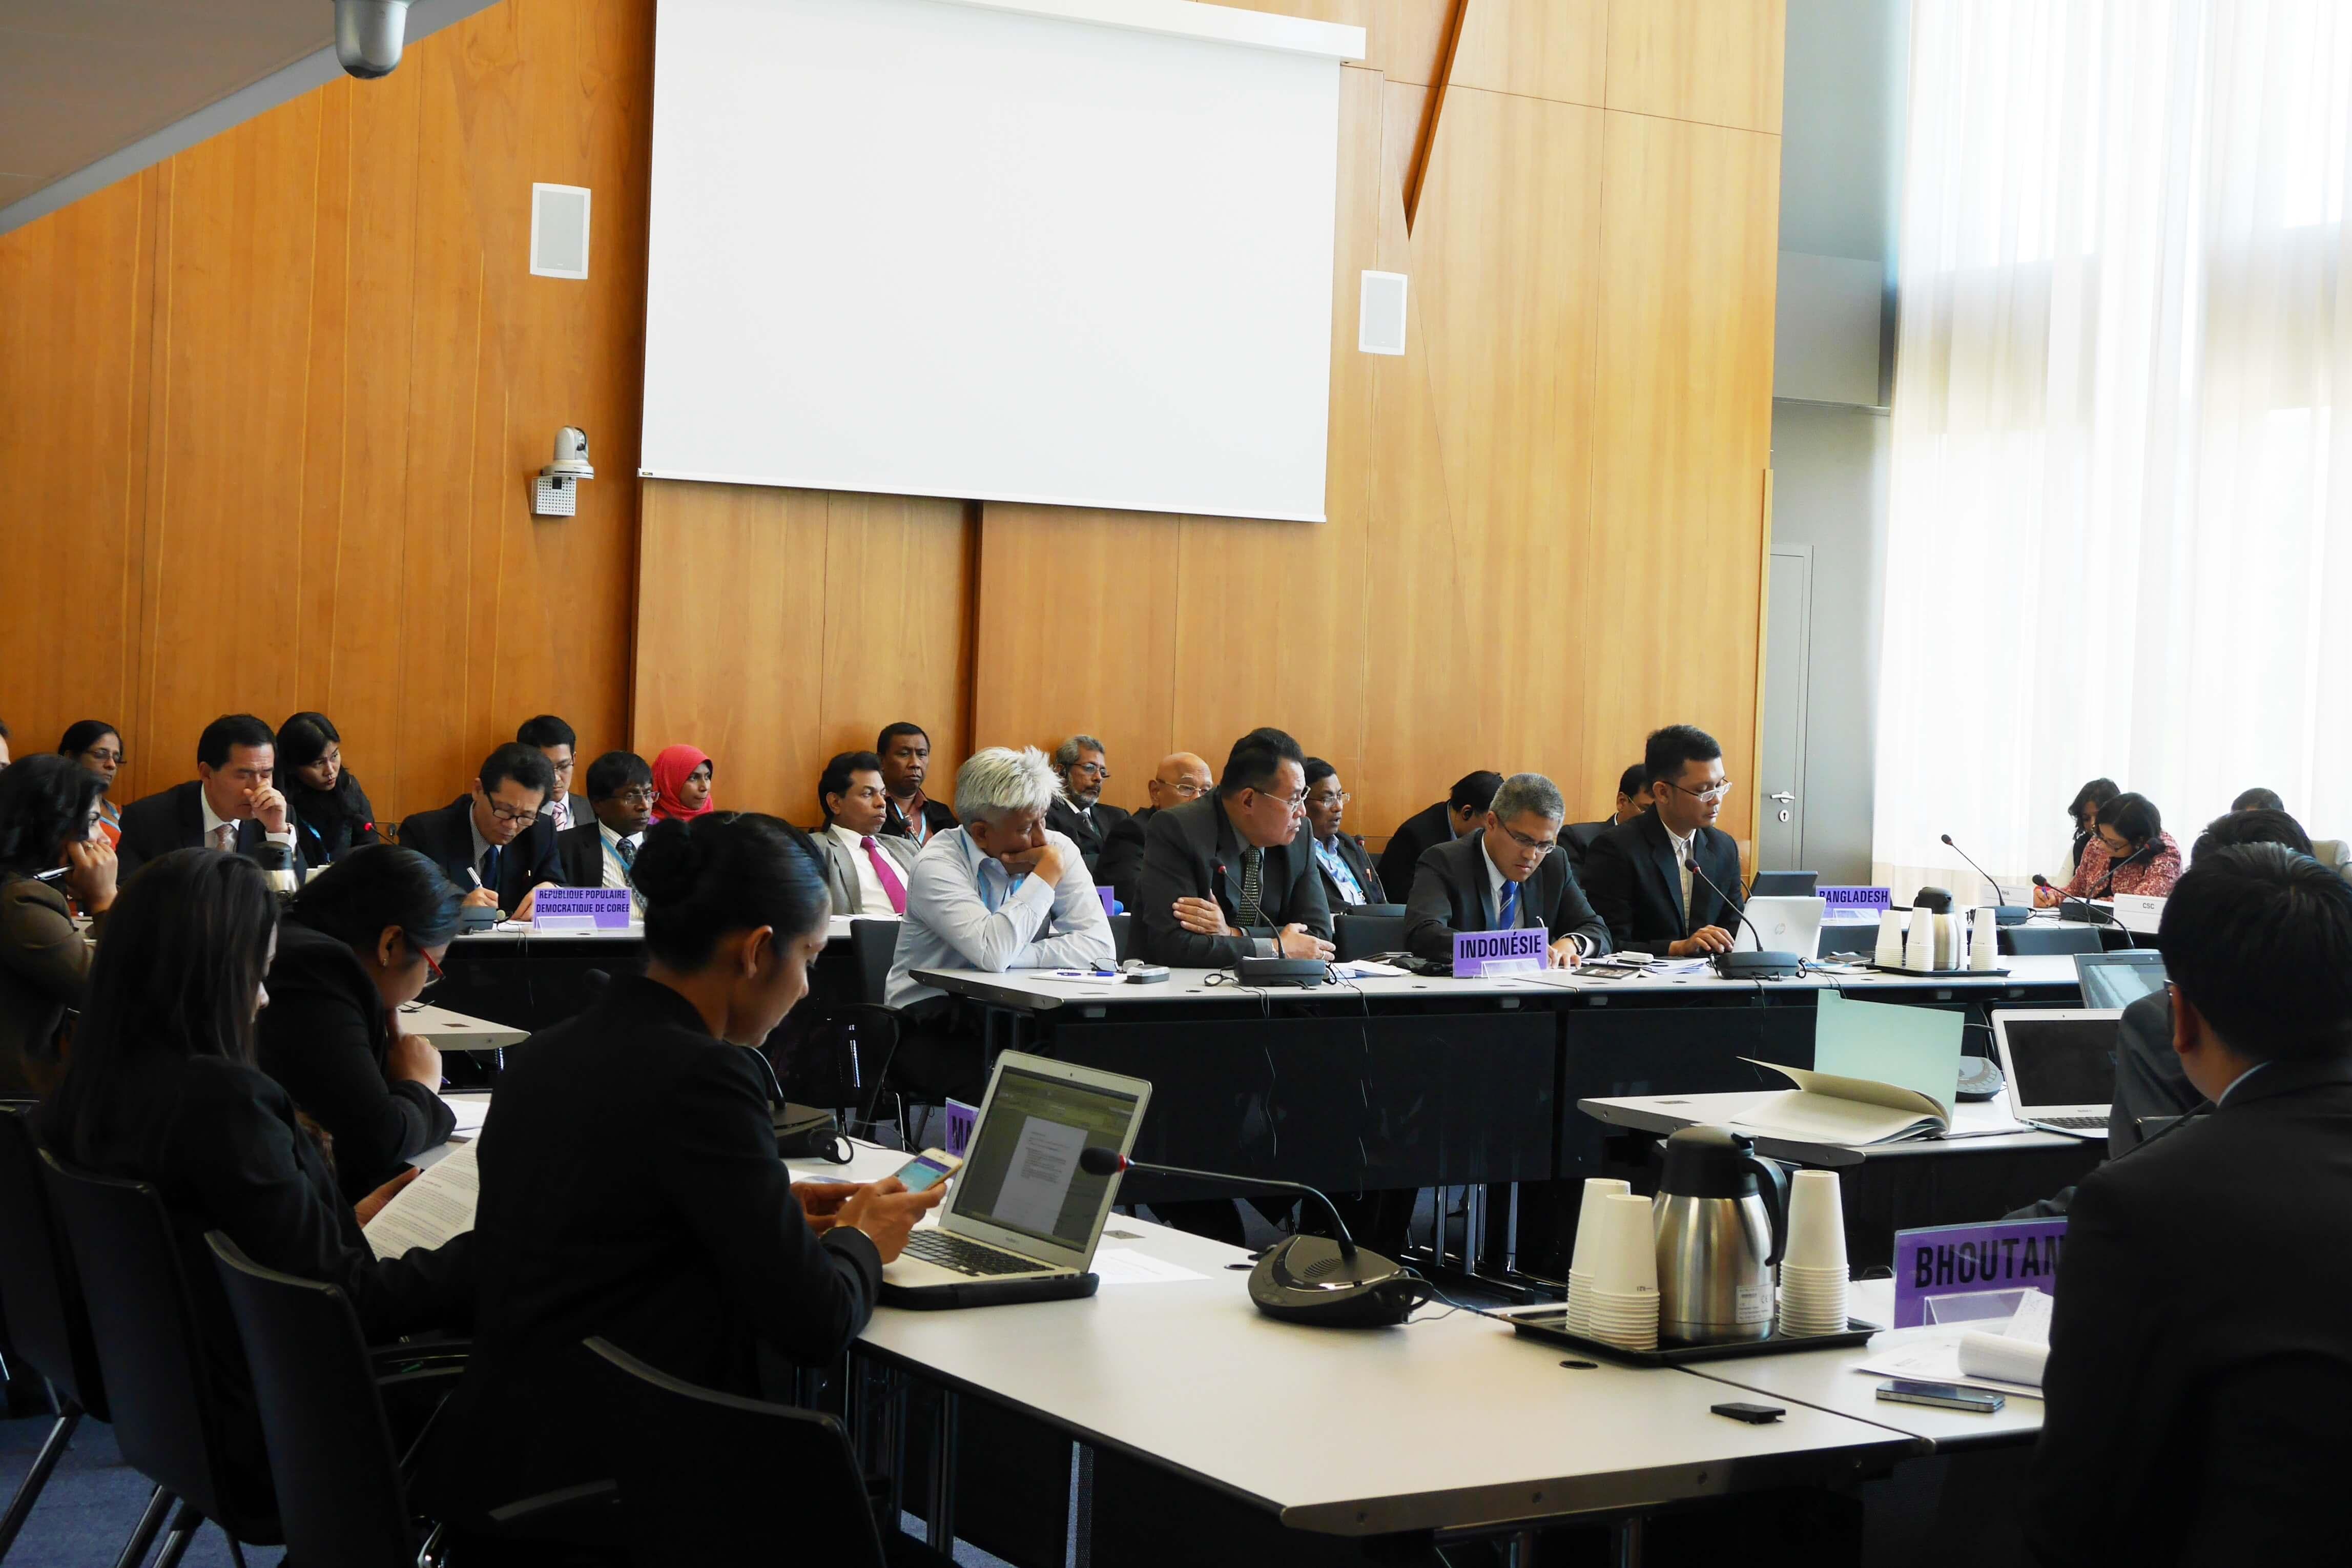 Informal Briefing anggota WHO SEAR membahas isu-isu aktual yang akan diangkat pada pertemuan WHA - 68 di Geneva. Dirjen PP dan PL Dr. M. Subuh minta akgar penerapan vaksinasi polio injeksi di Indonesia dapat ditunda karena alasan geografis yang perlu persiapan lebih matang. (gi/17-05)